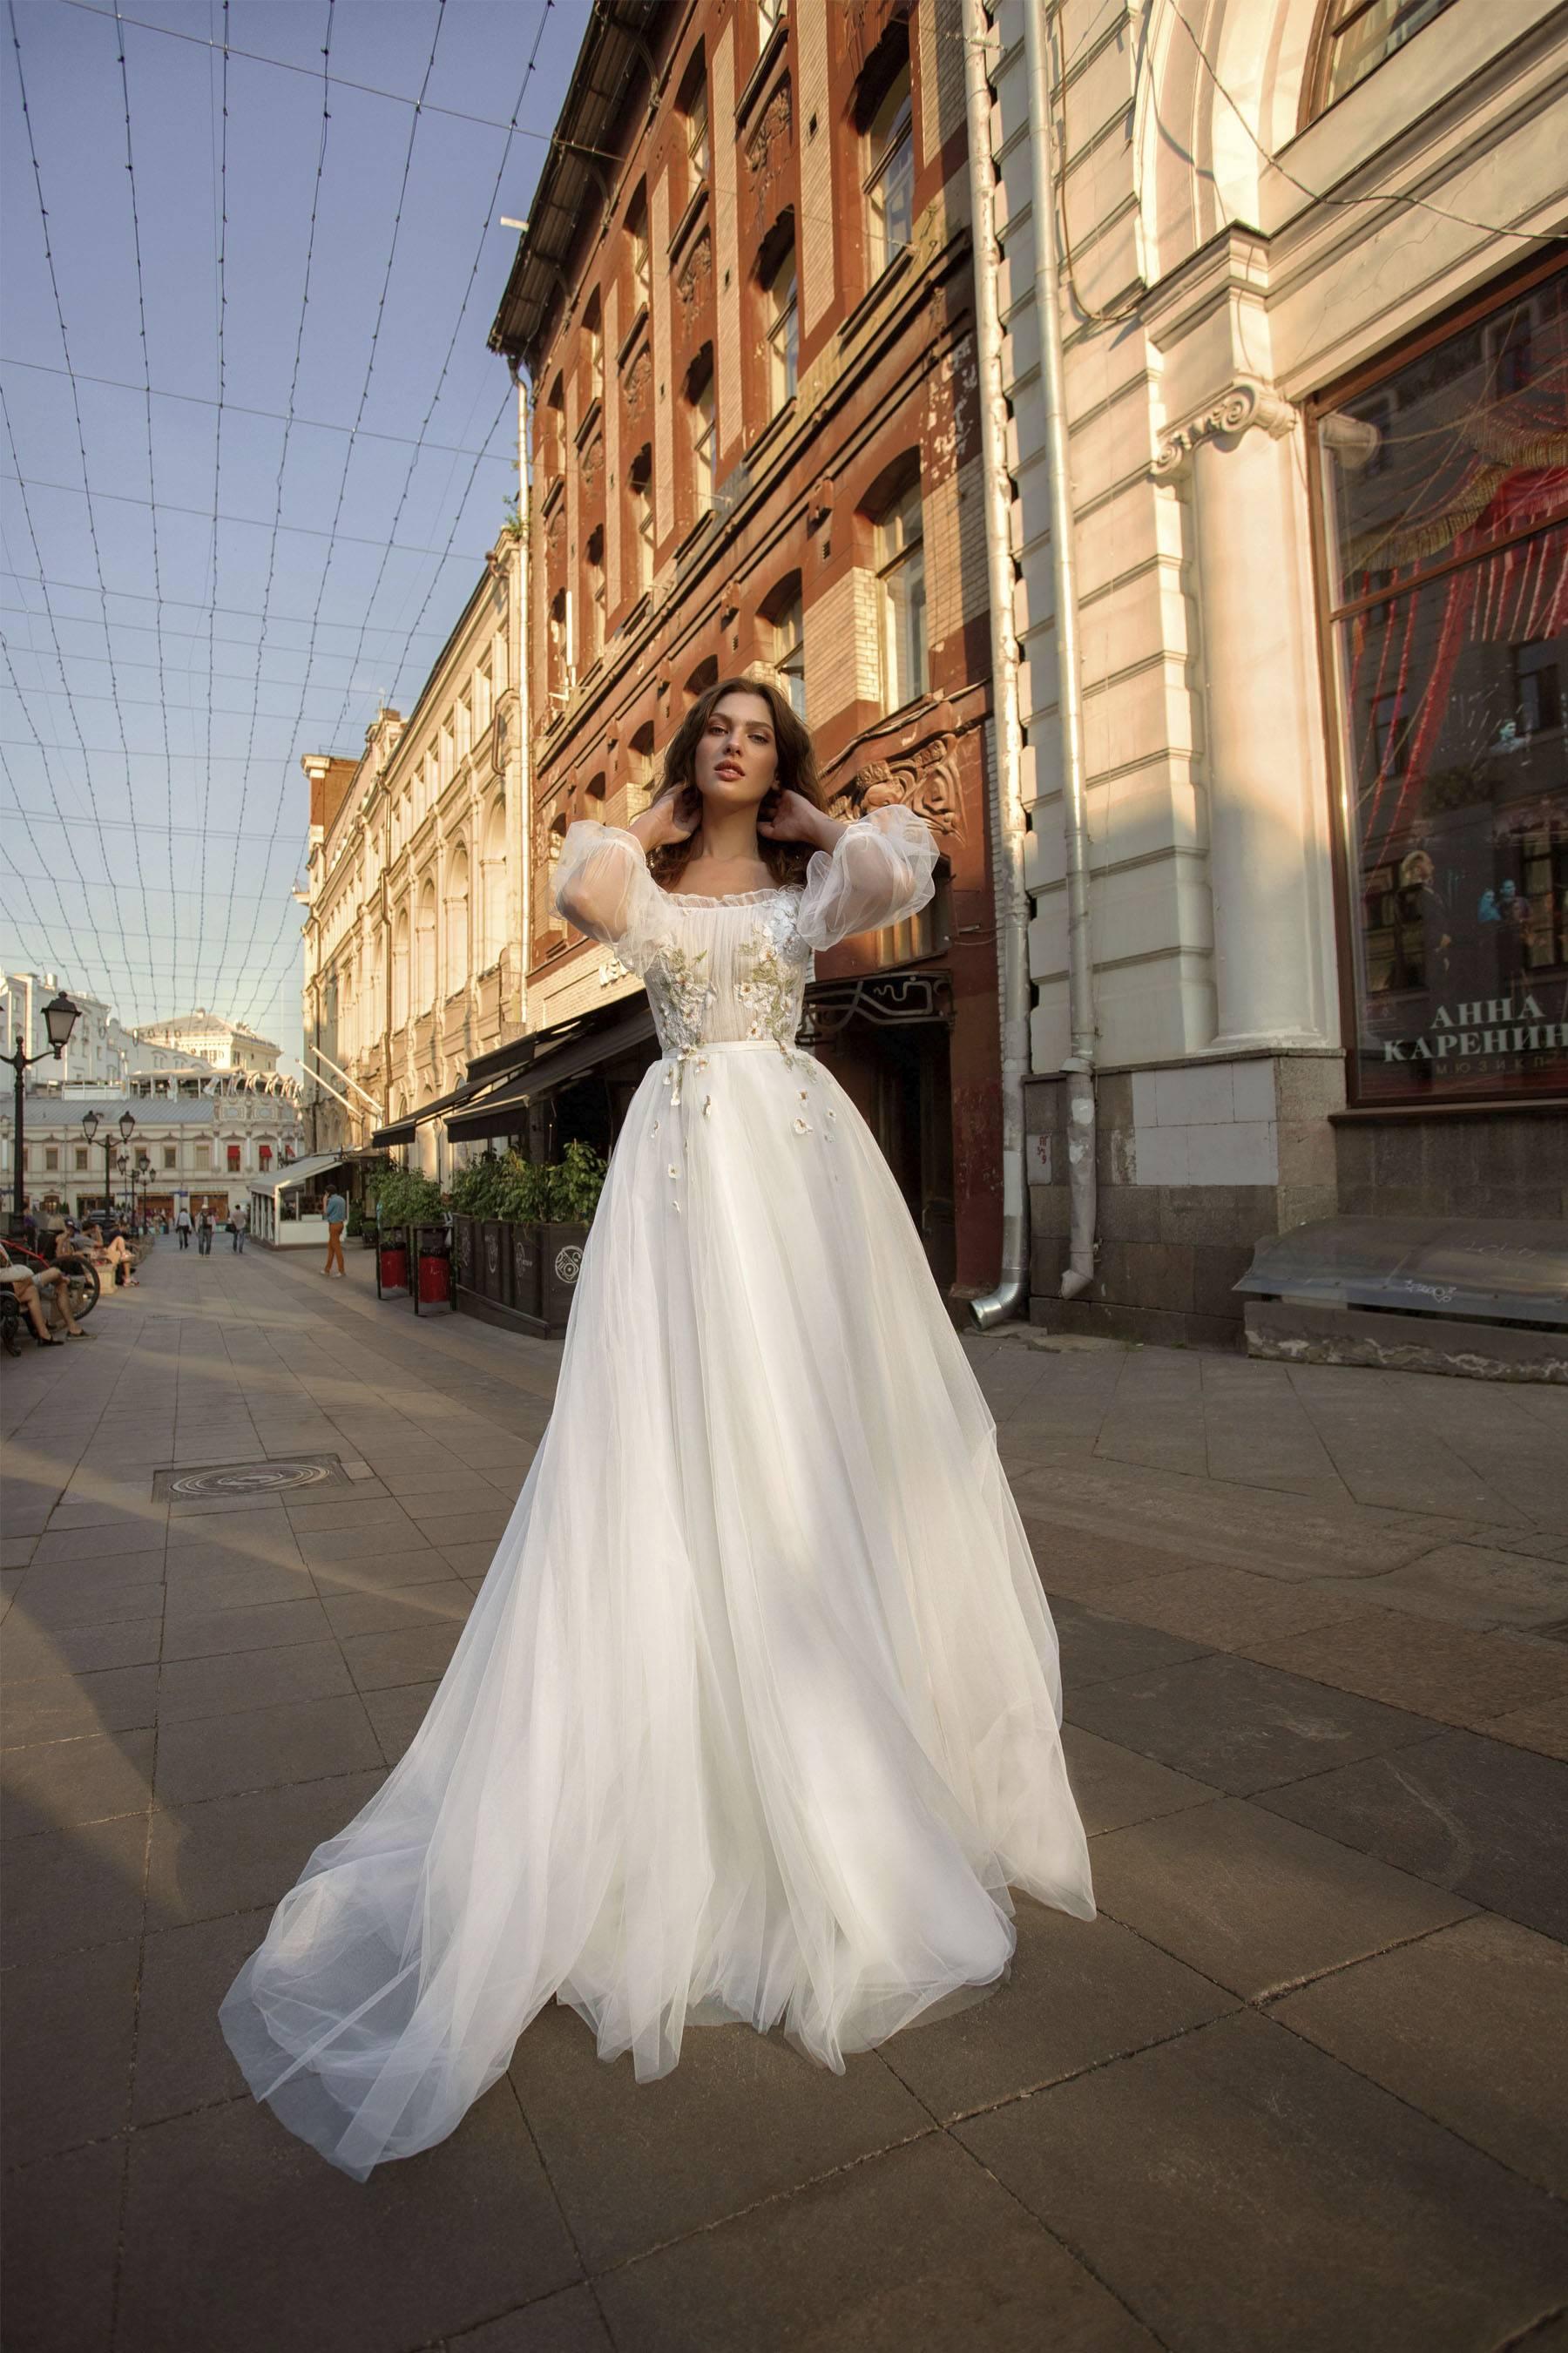 Цвет свадьбы по знаку зодиака: подбираем палитру для торжества